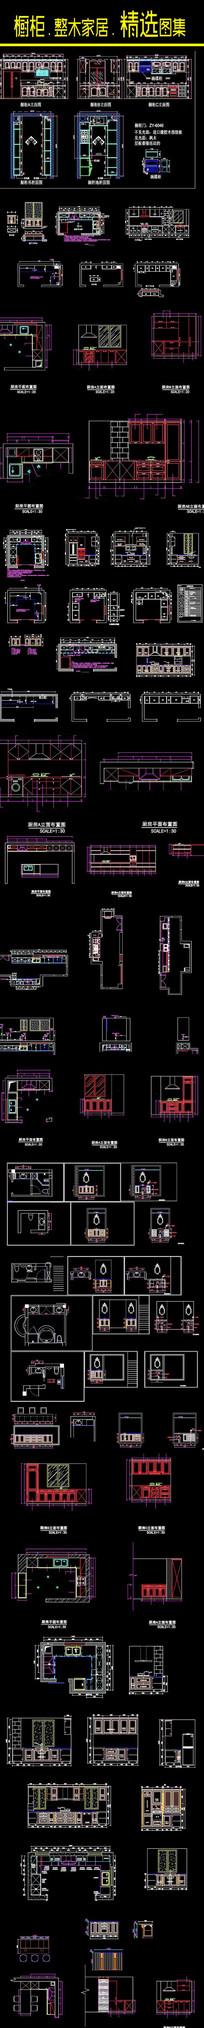 家居厨房装饰设计图